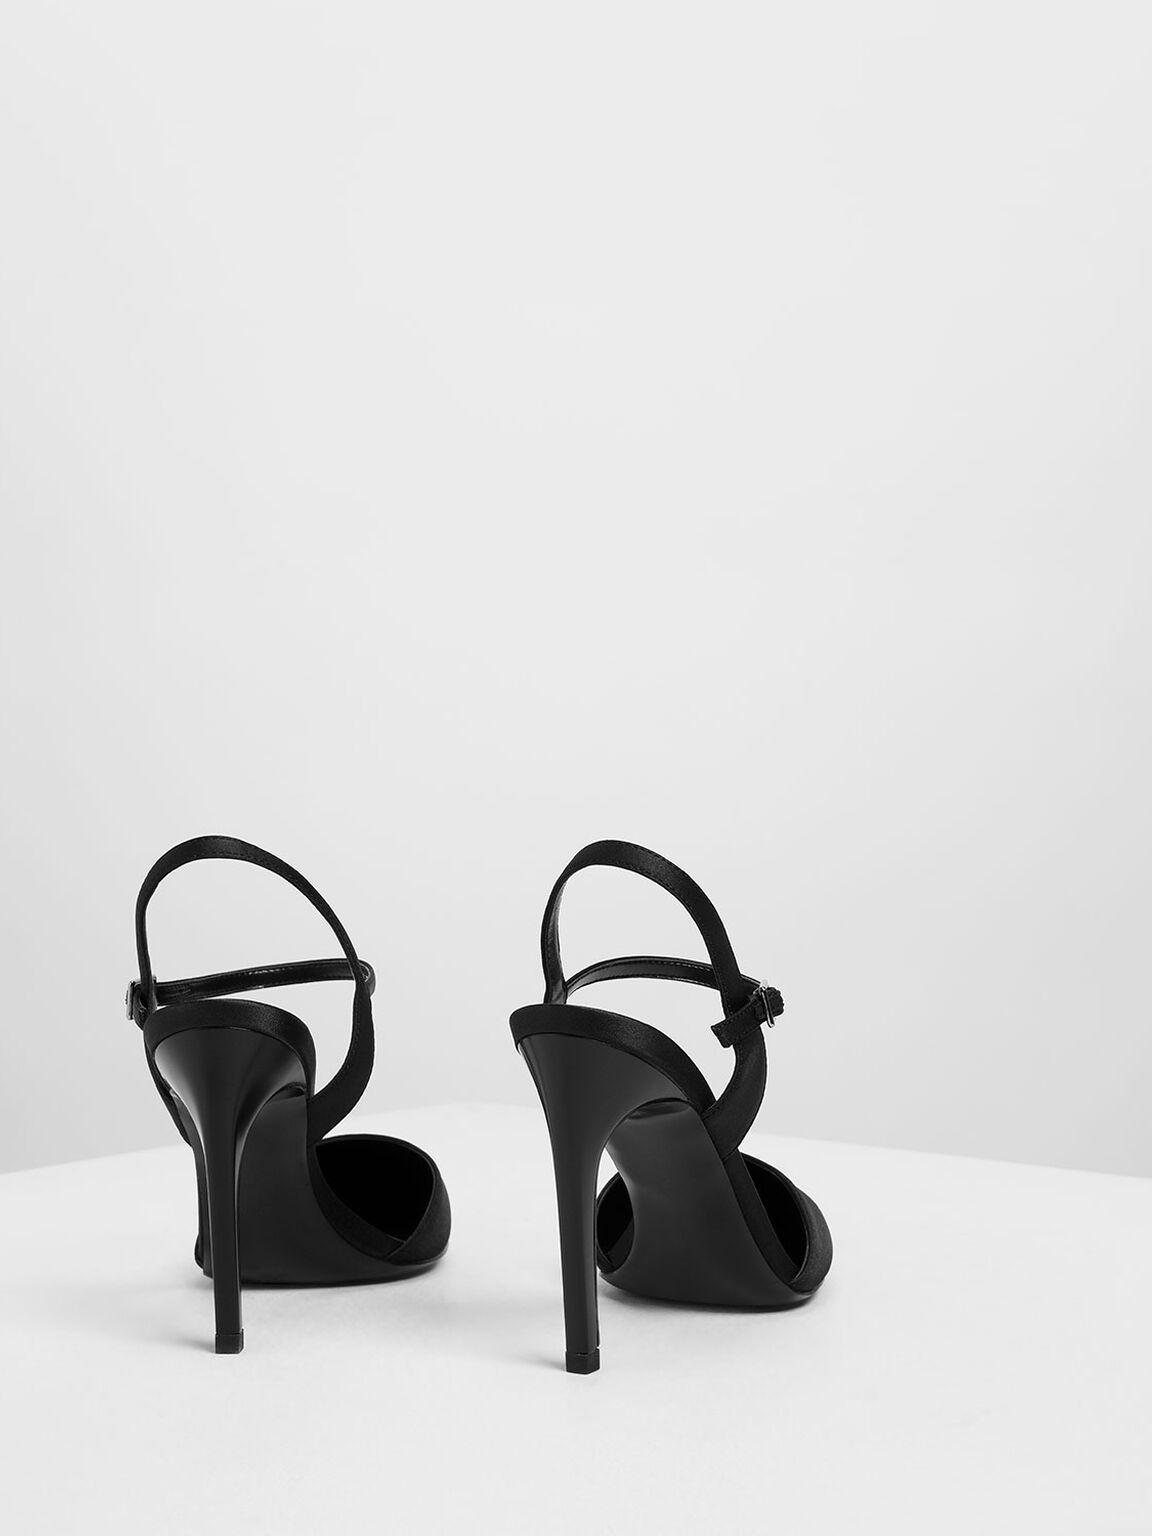 Satin Ankle Strap Covered Heels, Black, hi-res